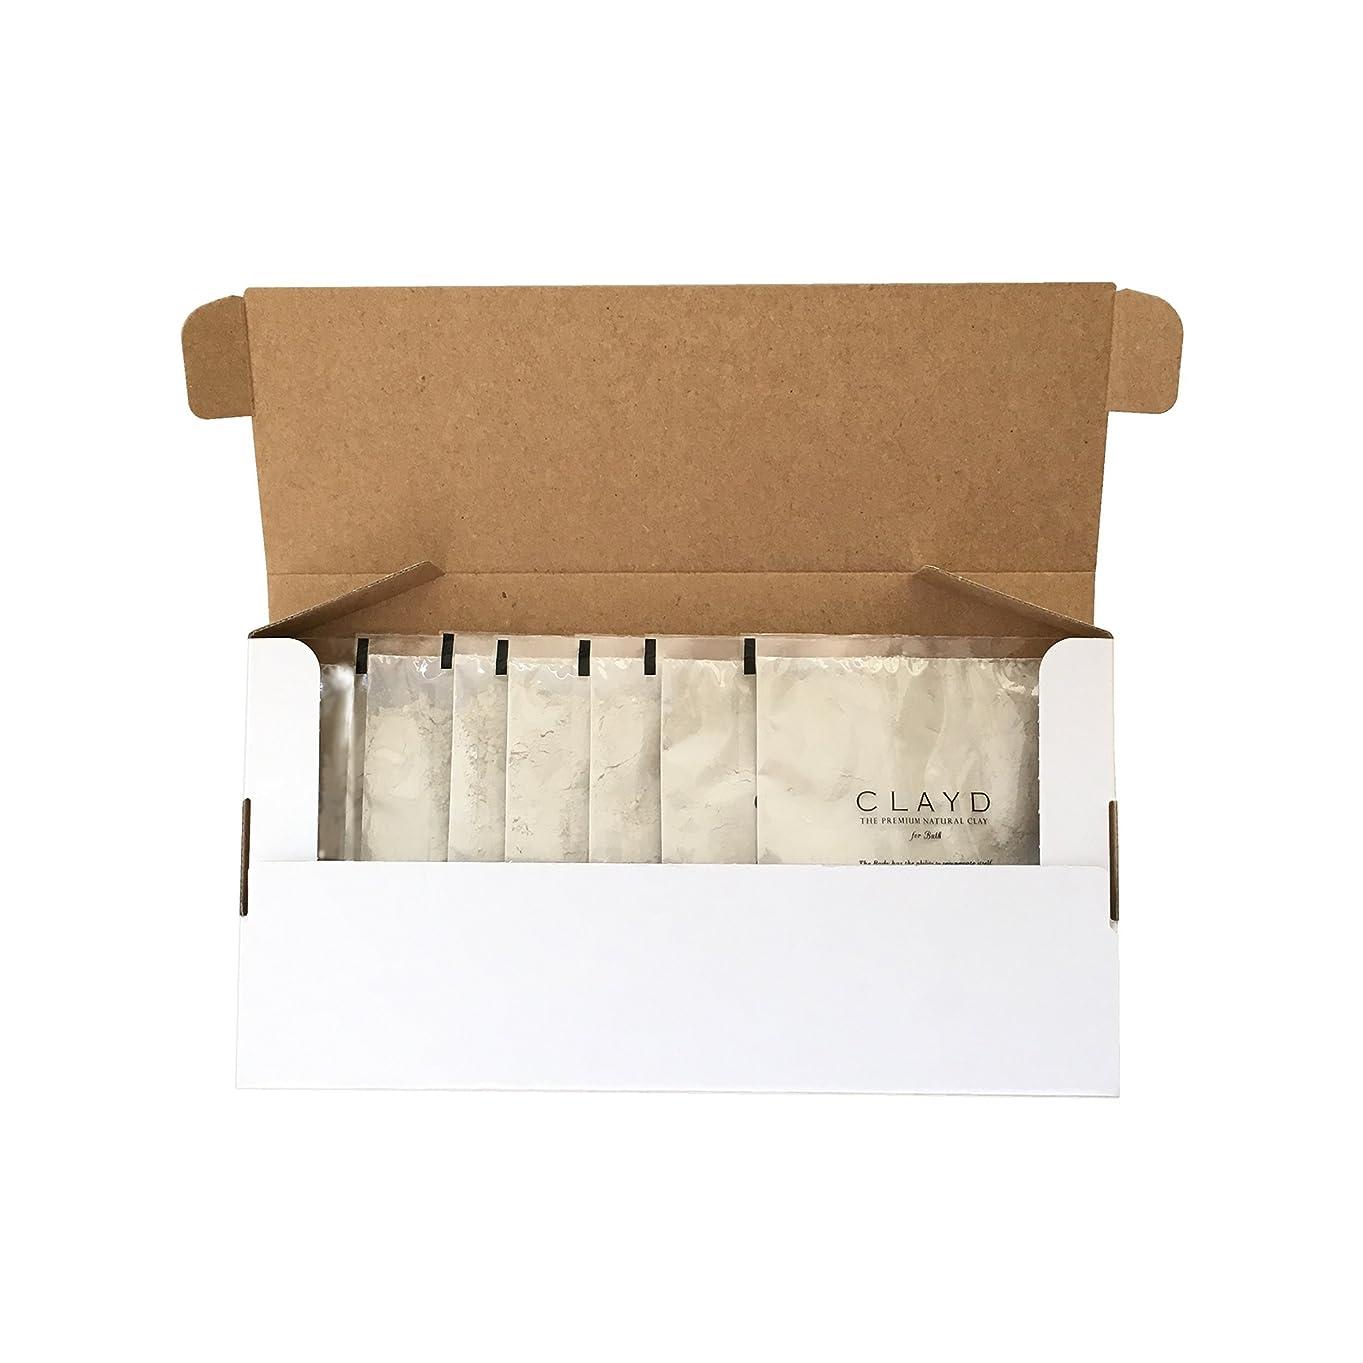 させるいちゃつく寓話CLAYD for Bath(クレイドフォーバス)ONE WEEK TRIAL(30g×7袋)